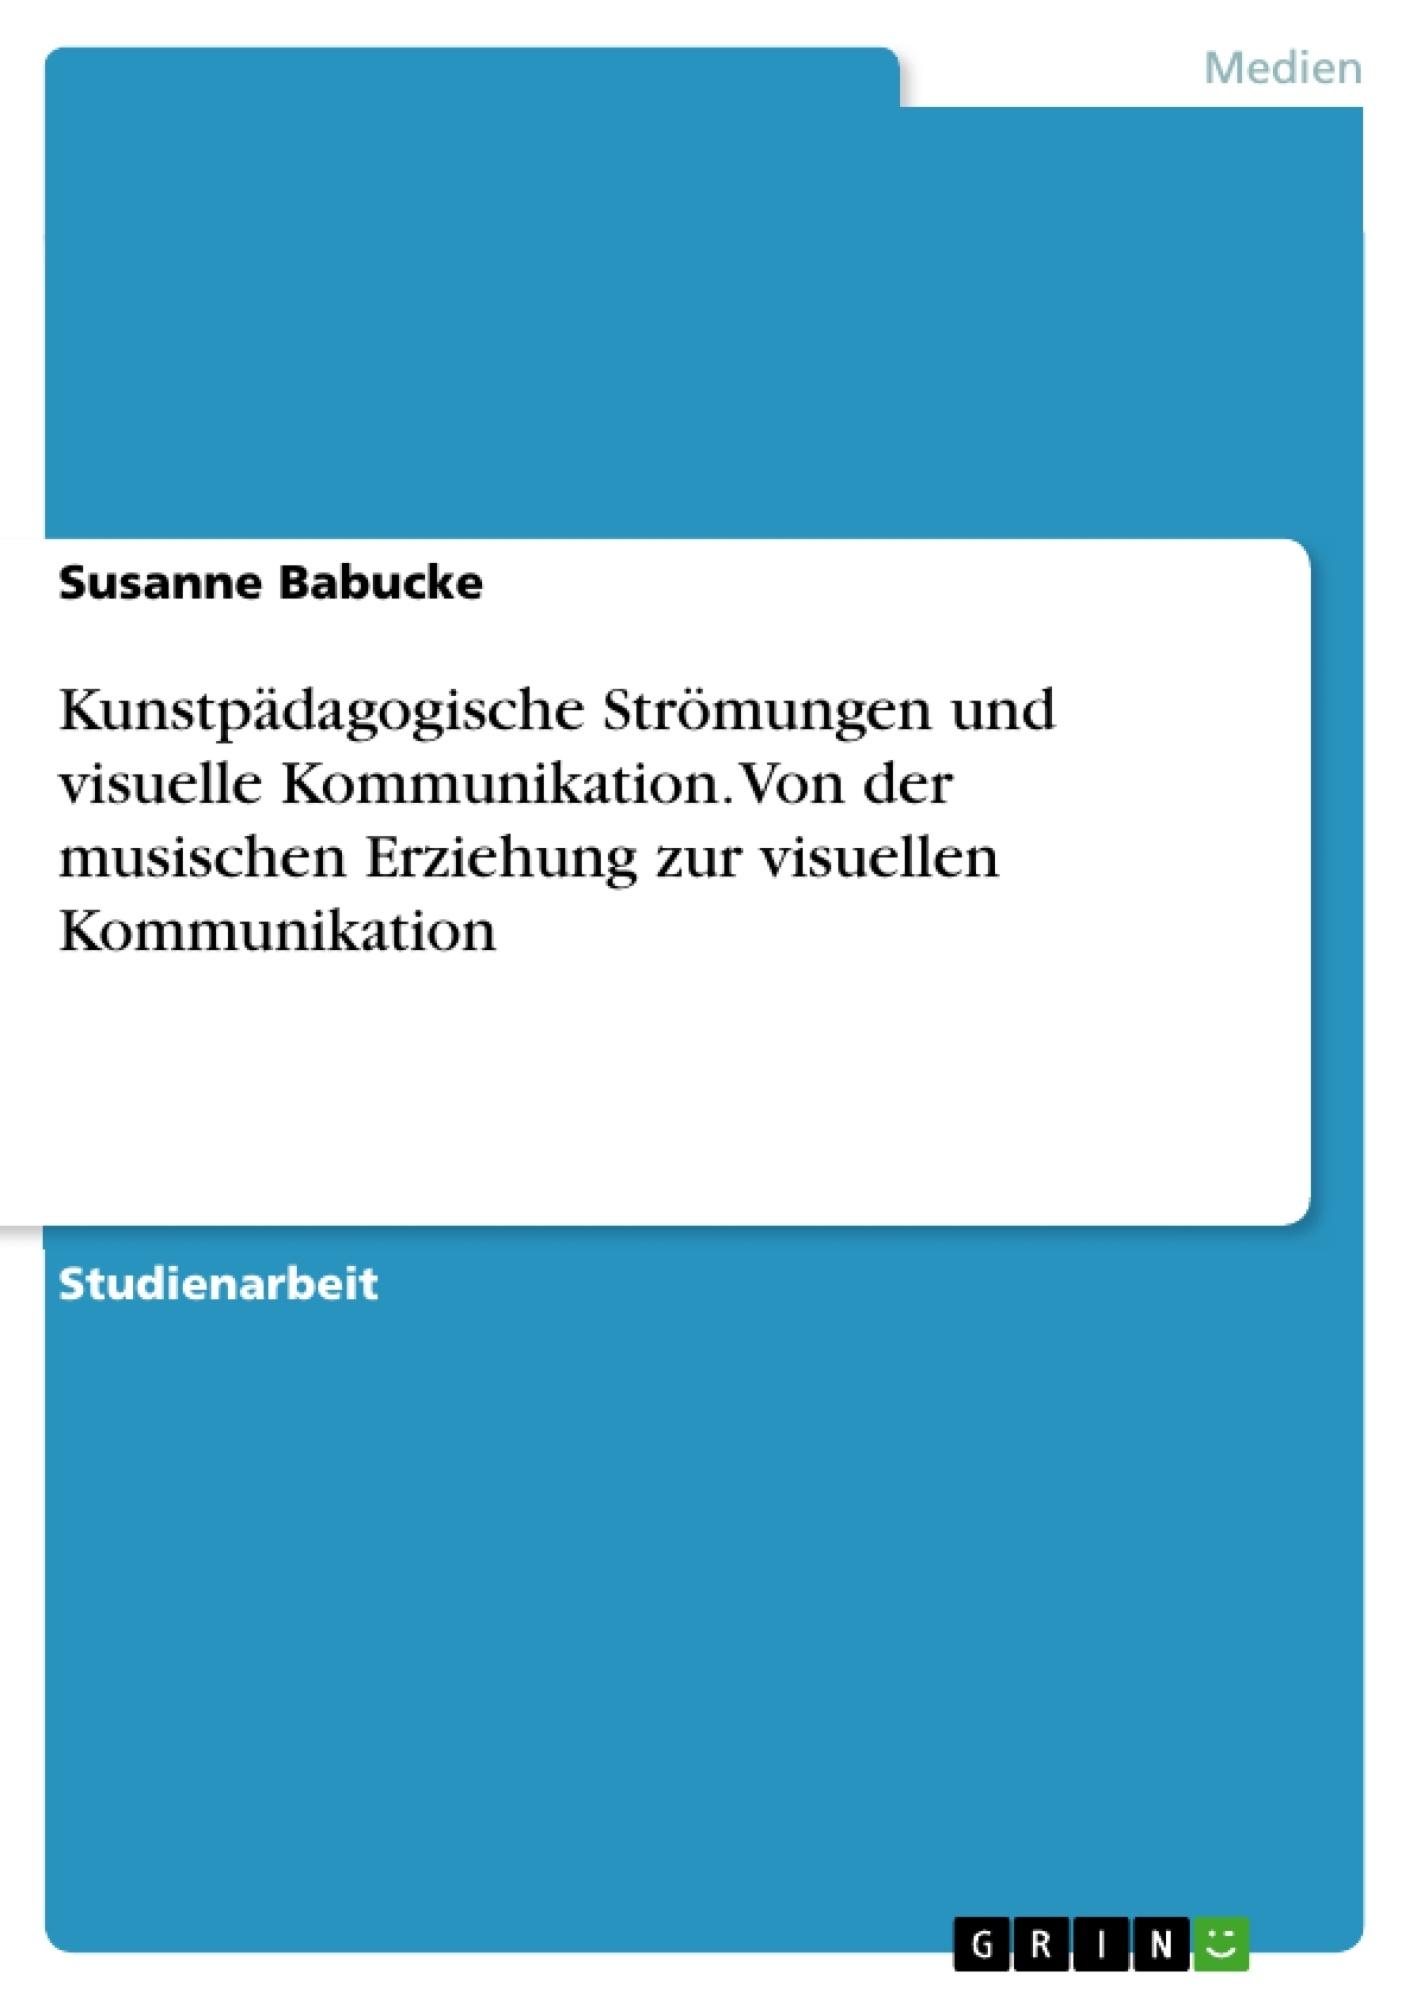 Titel: Kunstpädagogische Strömungen und visuelle Kommunikation. Von der musischen Erziehung zur visuellen Kommunikation